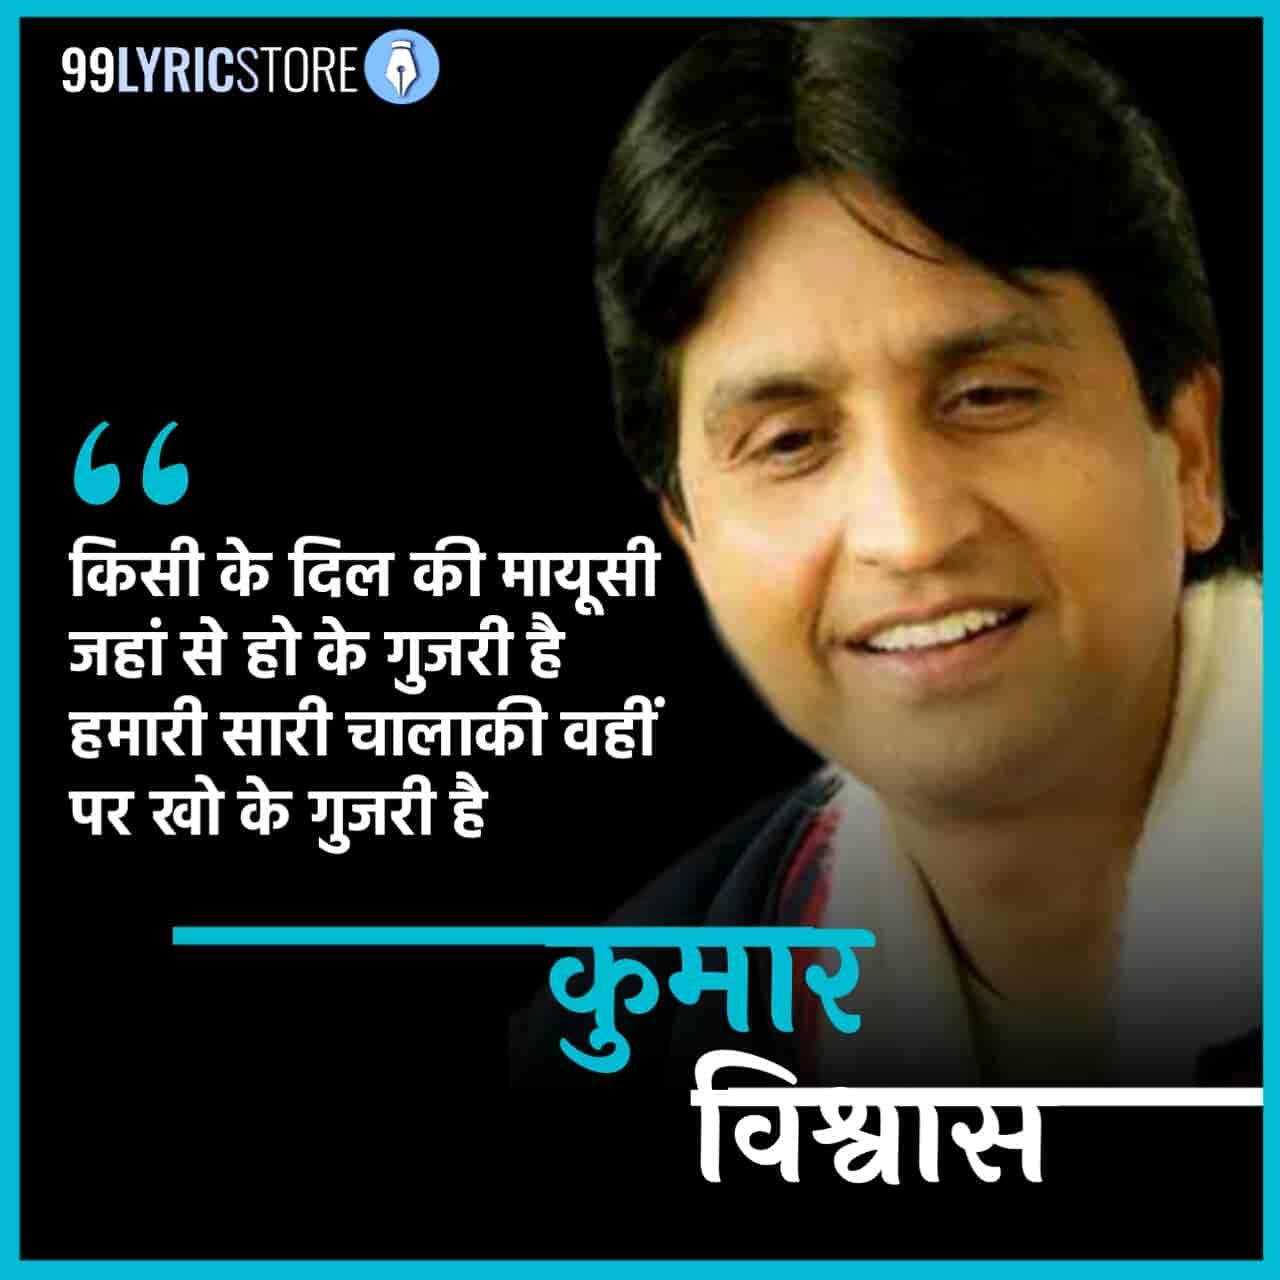 This beautiful Shayari 'Har Ek Kapde Ka Tukda Maa Ka Aanchal Ho Nahin Sakta' has written and performed by Kumar Vishwas on shahitya Tak TV show.